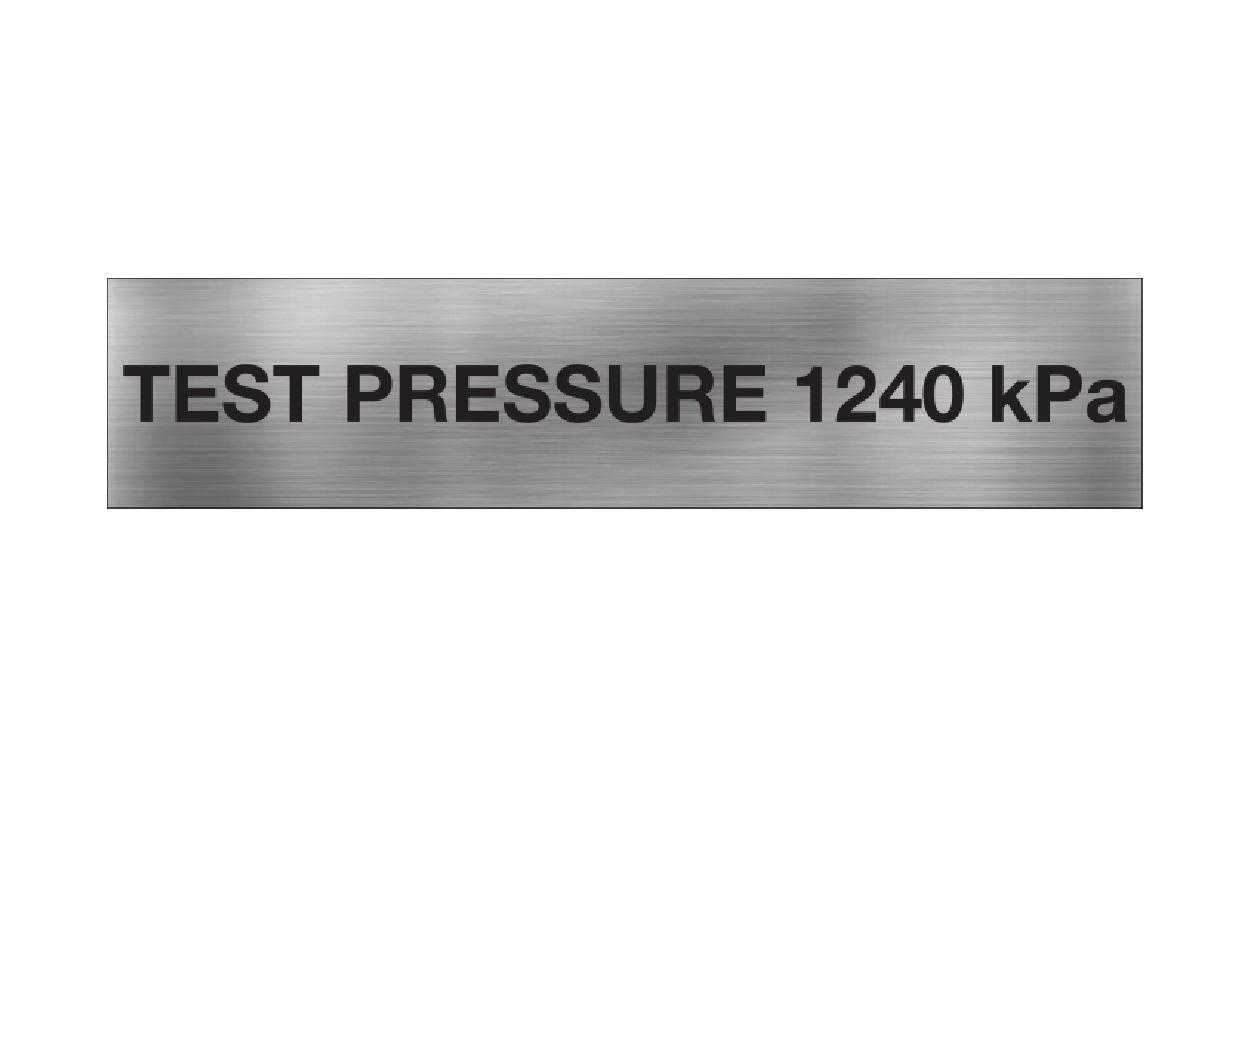 Test Pressure 1240 kPa